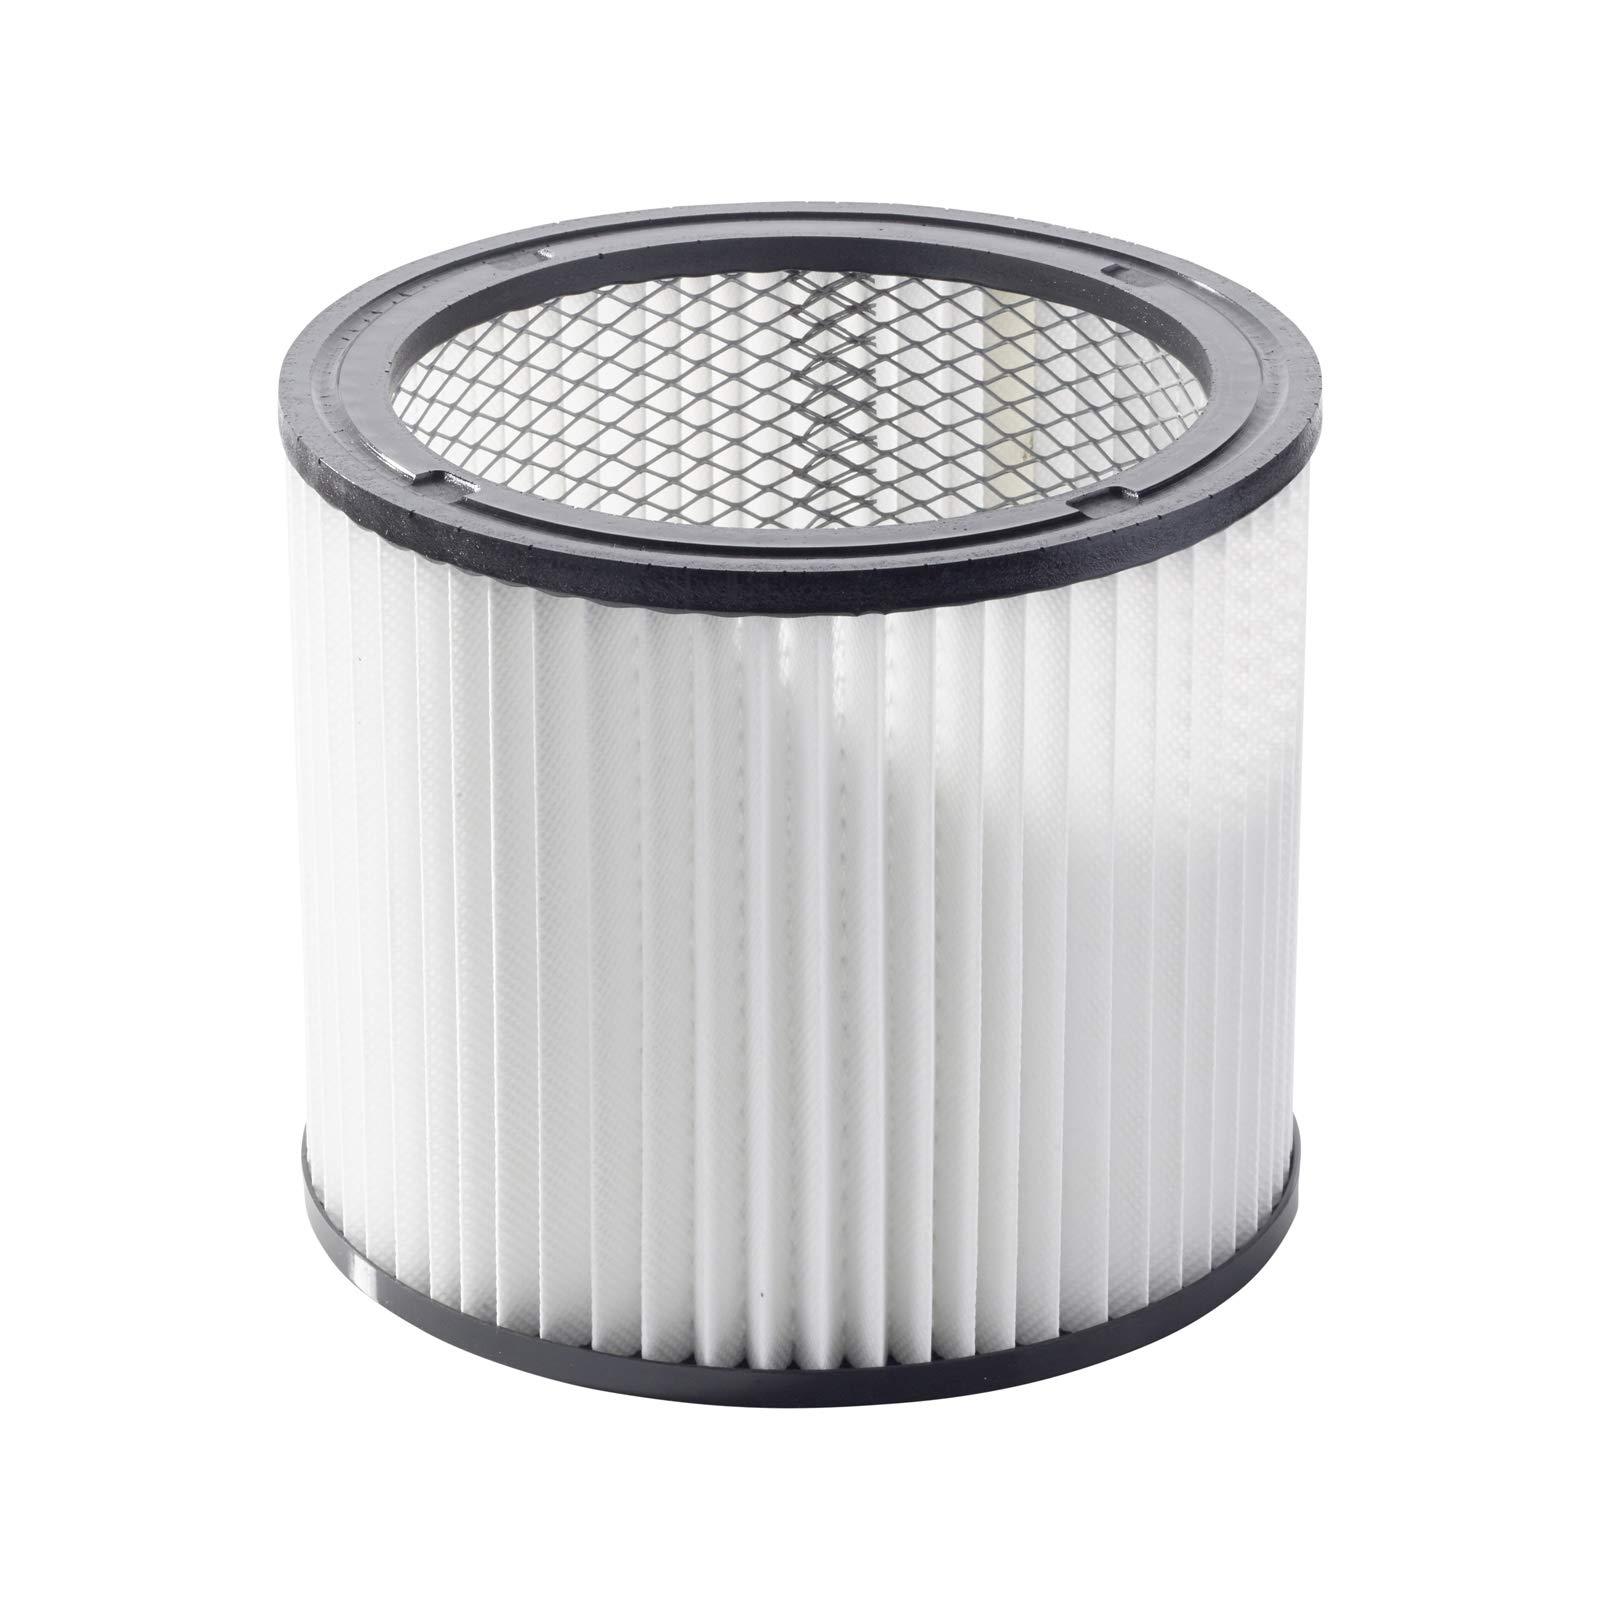 Filtro de cartucho mojado y seco Lavor Aspirador GBX 22 GBX 32 GN ...